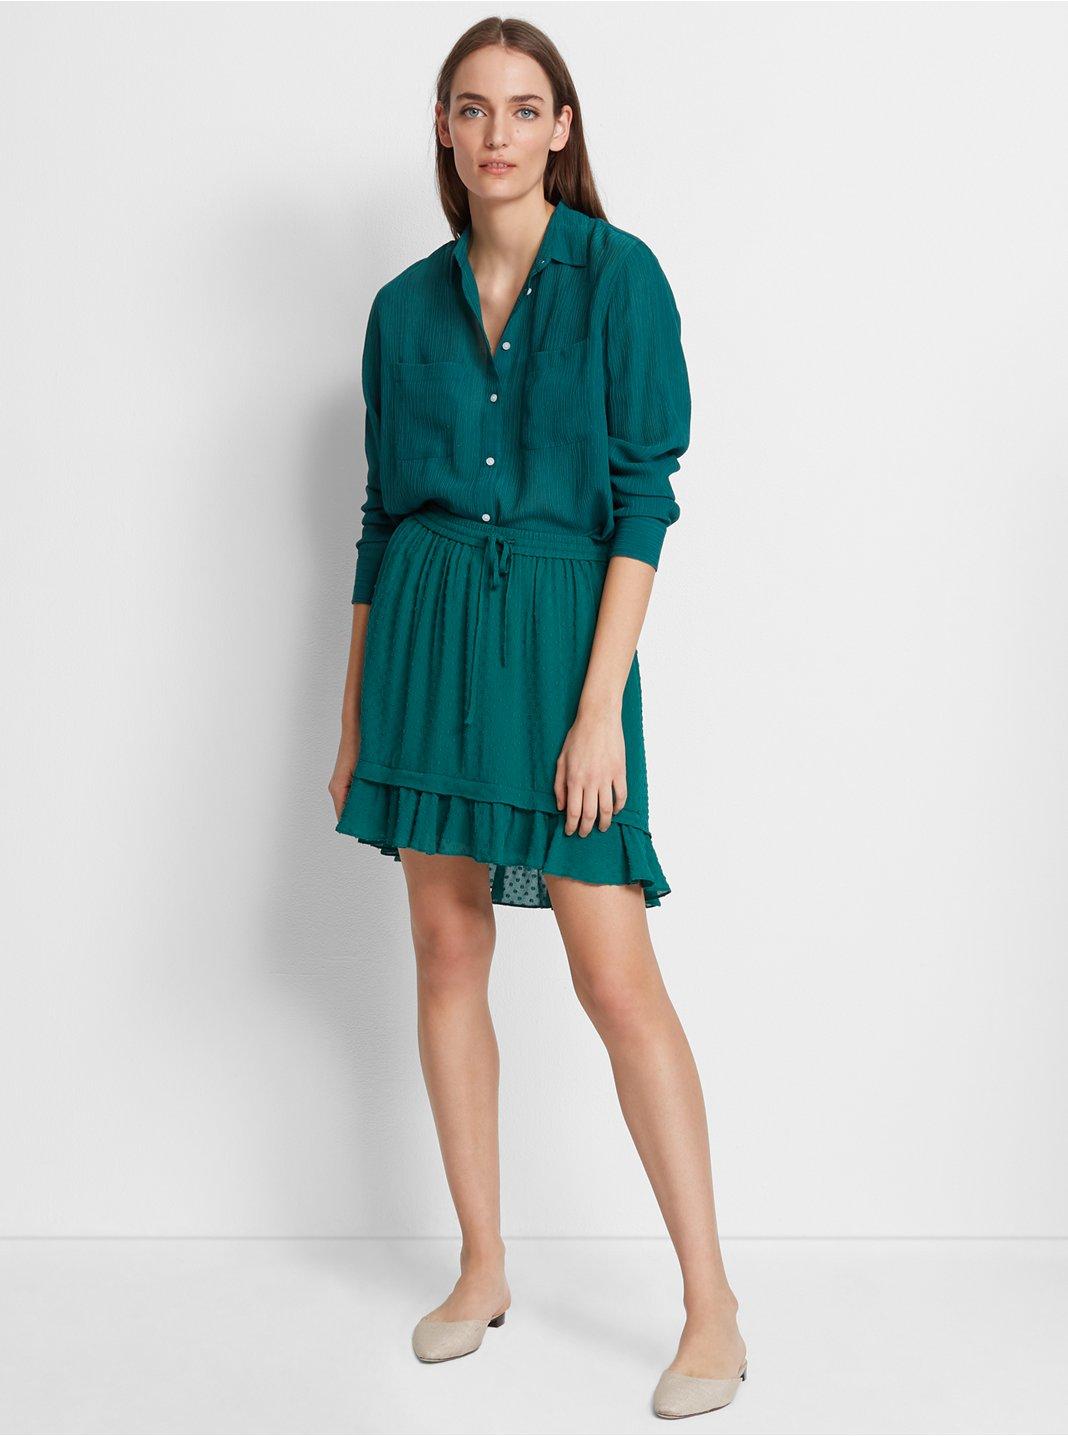 Elanie Skirt